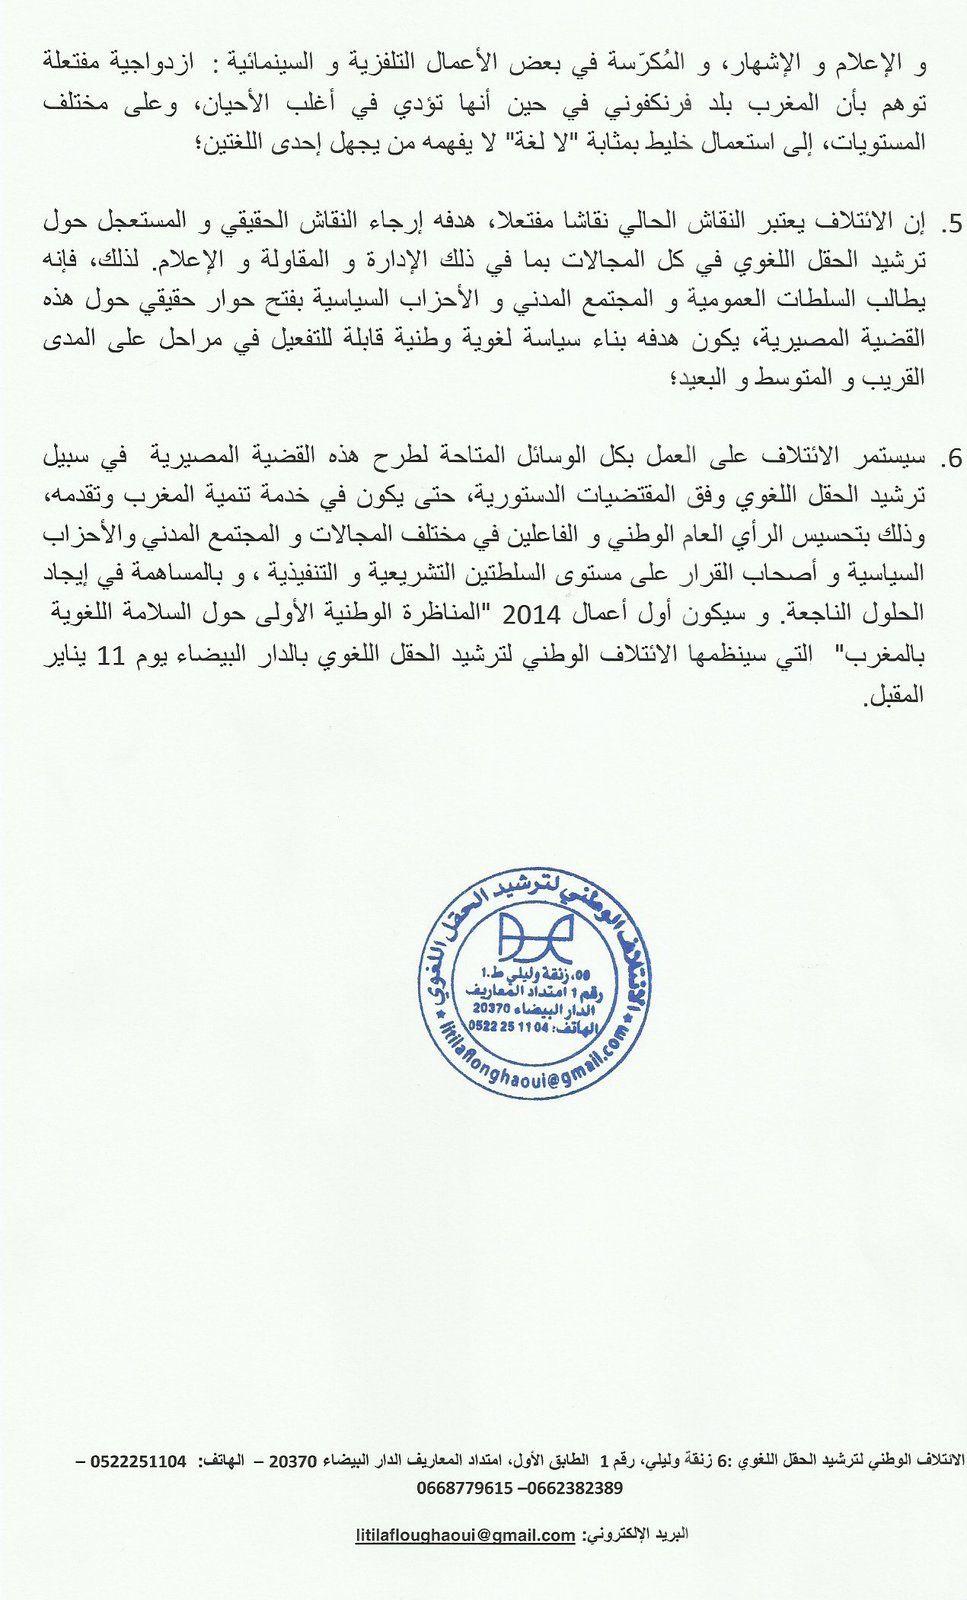 لمناظرة الوطنية الأولى حول السلامة اللغوية بالمغرب&quot&#x3B;